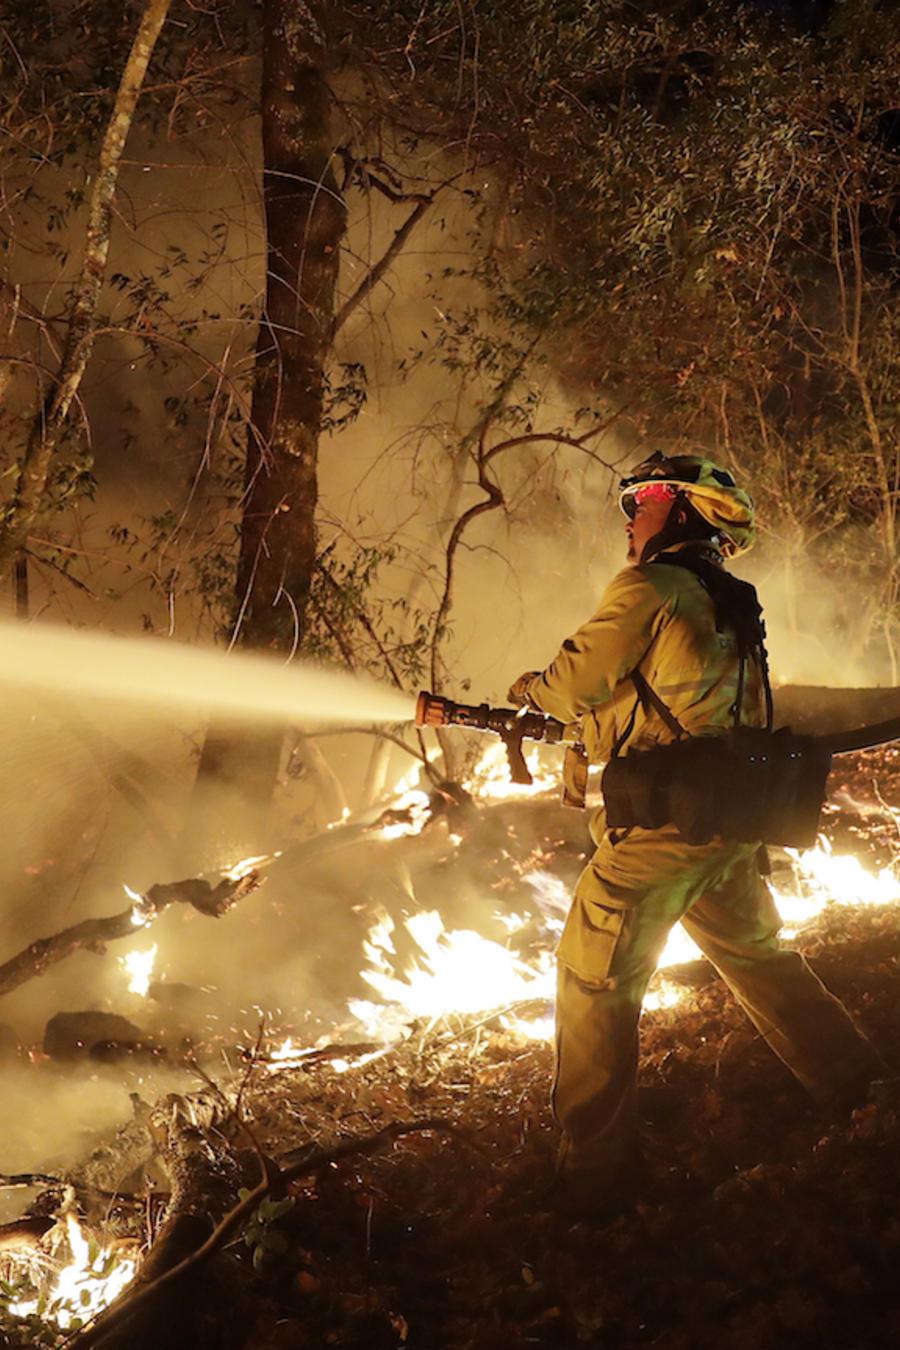 Bomberos combaten el fuego el 14 de octubre en Santa Rosa, California.